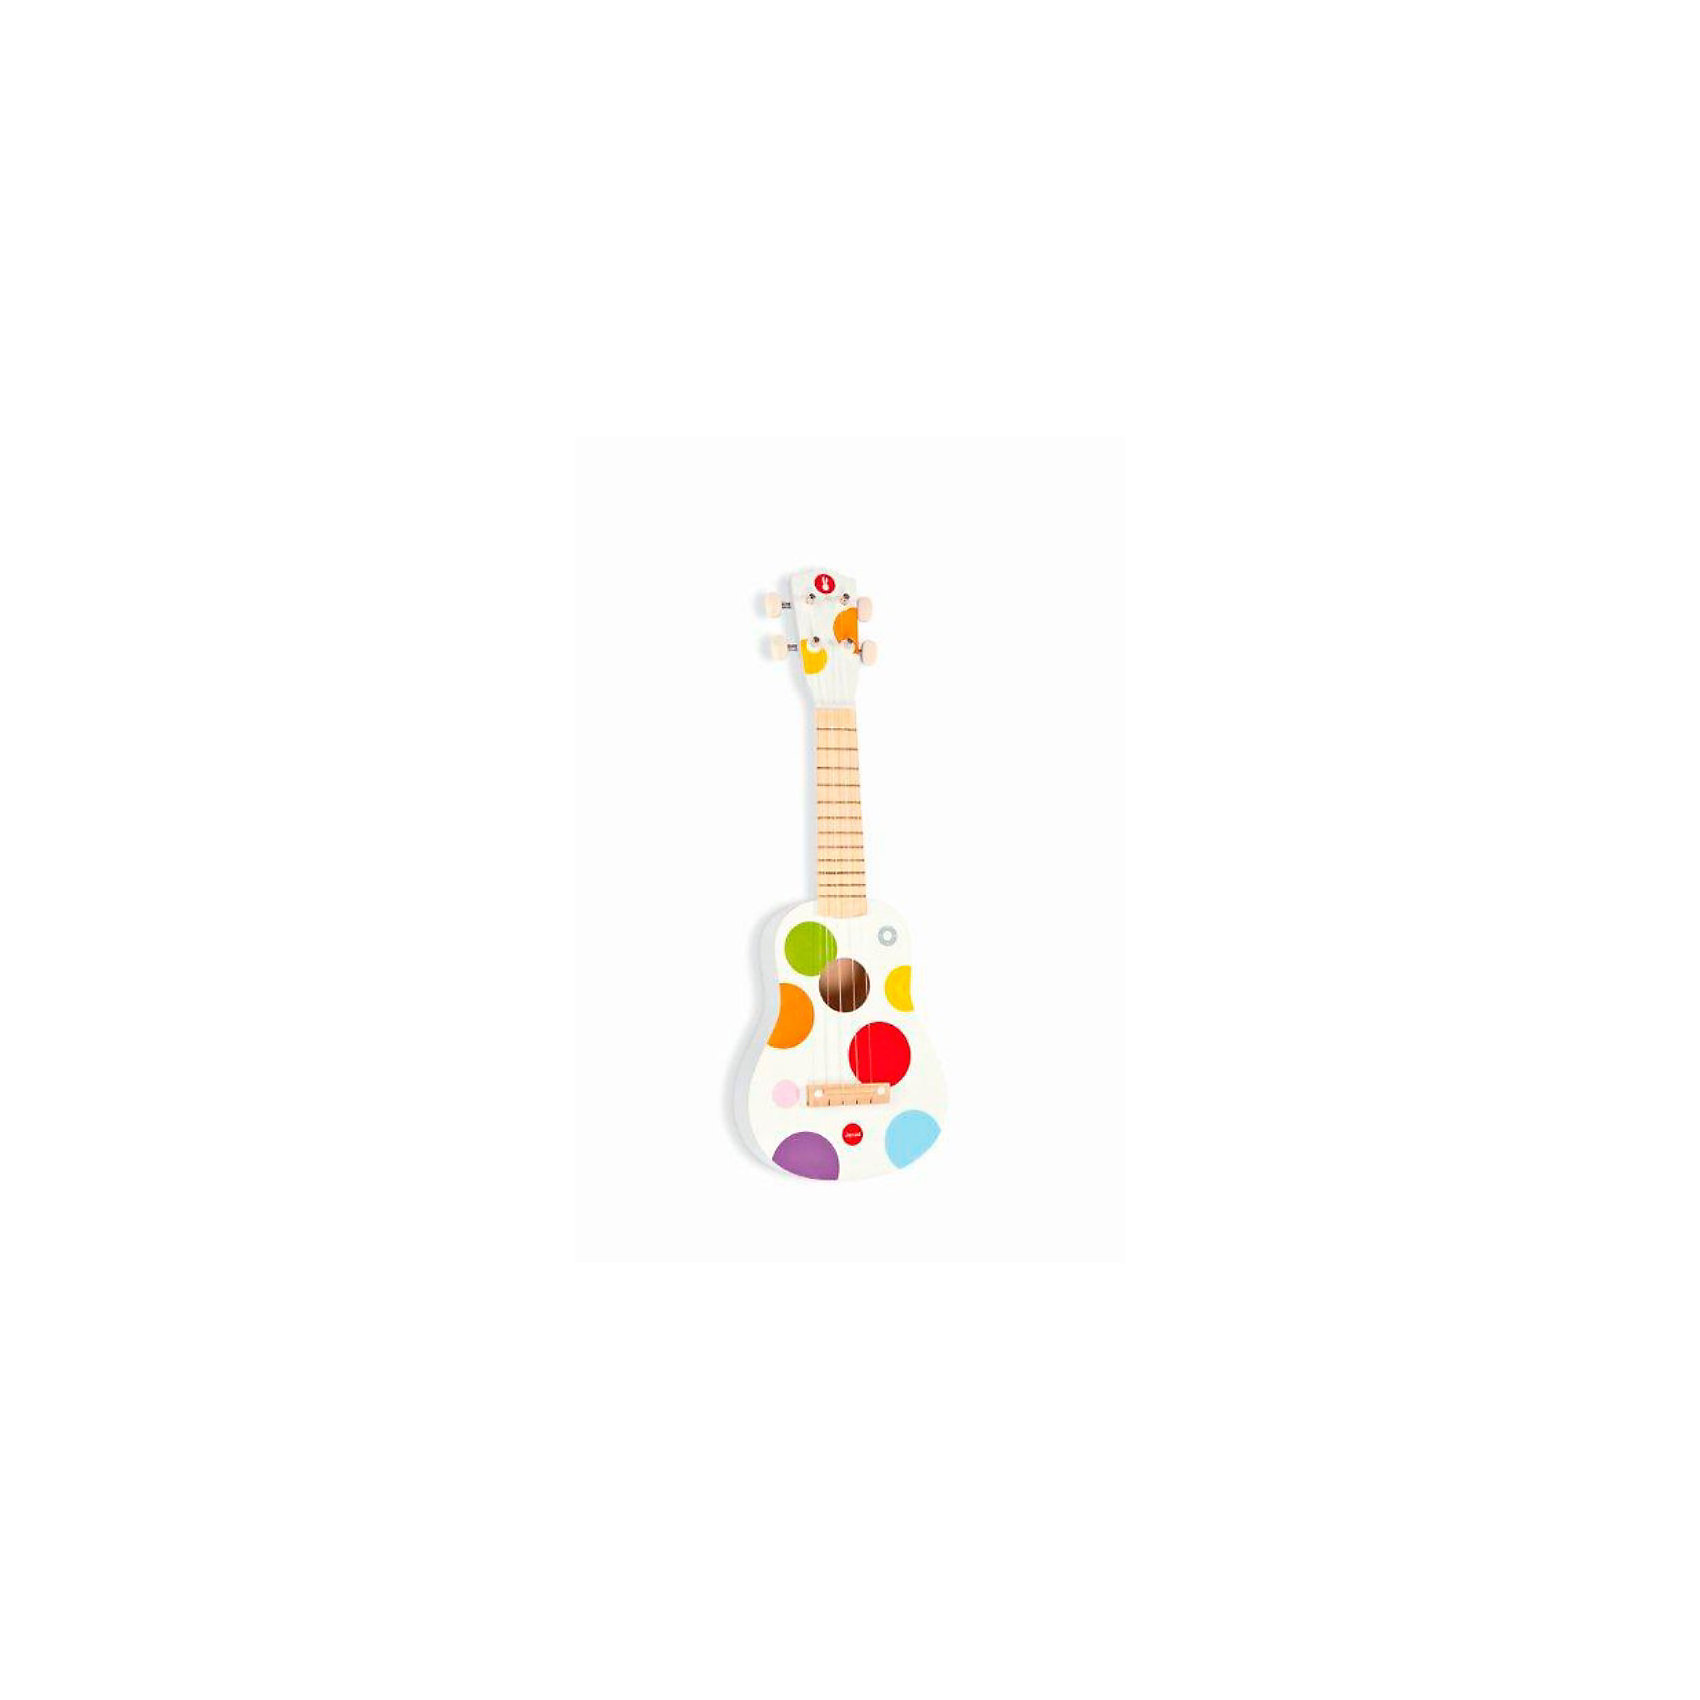 Гавайская гитара из дерева, белая, JanodМузыкальные инструменты и игрушки<br>Развивать музыкальные способности можно с детства! Эта небольшая гитара очень удобна - ее можно брать с собой в дорогу, благодаря продуманной форме хранится она очень компактно. Игра на музыкальных инструментах развивает также мелкую моторику и художественный вкус. Такая гитара надолго занимает детей и помогает увлекательно провести время!<br>Гитара выглядит как настоящая - с настоящими струнами и колками. Она разработана опытными специалистами, сделана из высококачественных материалов, безопасных для детей.<br><br>Дополнительная информация:<br><br>материал: дерево, краски на водной основе;<br>размер: 53,5 х 17,5 х 5 см;<br>цвет: разноцветный.<br><br>Гавайскую гитару от компании Janod можно купить в нашем магазине.<br><br>Ширина мм: 563<br>Глубина мм: 208<br>Высота мм: 73<br>Вес г: 635<br>Возраст от месяцев: 36<br>Возраст до месяцев: 55<br>Пол: Унисекс<br>Возраст: Детский<br>SKU: 2410289